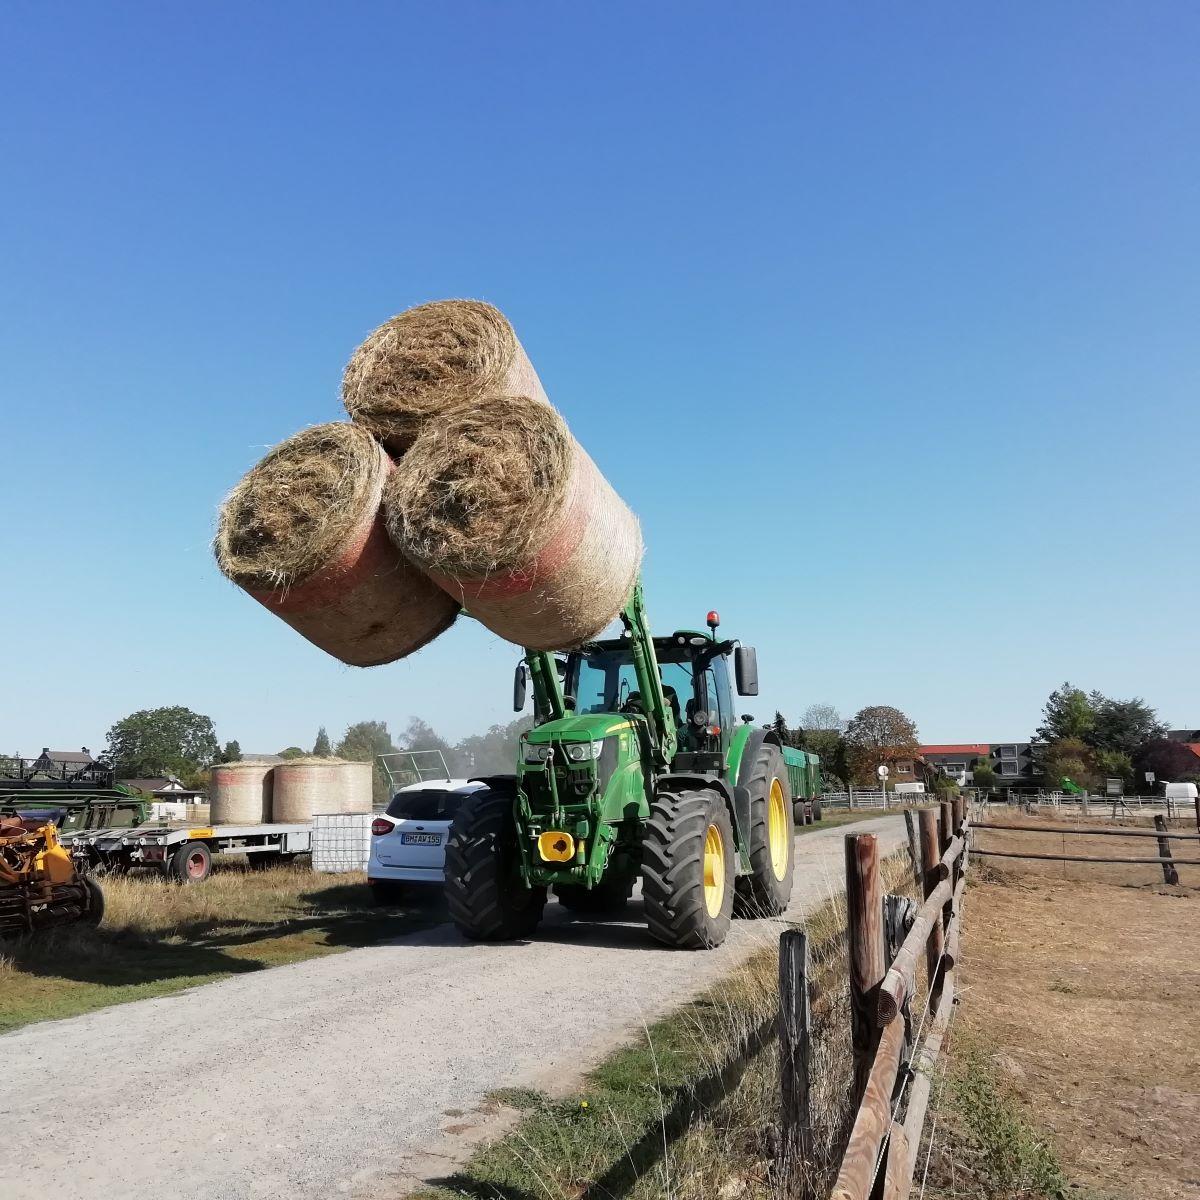 Einmal mit dem großen Traktor fahren - für unsere Paria Kids ging der Wunsch in Erfüllung.